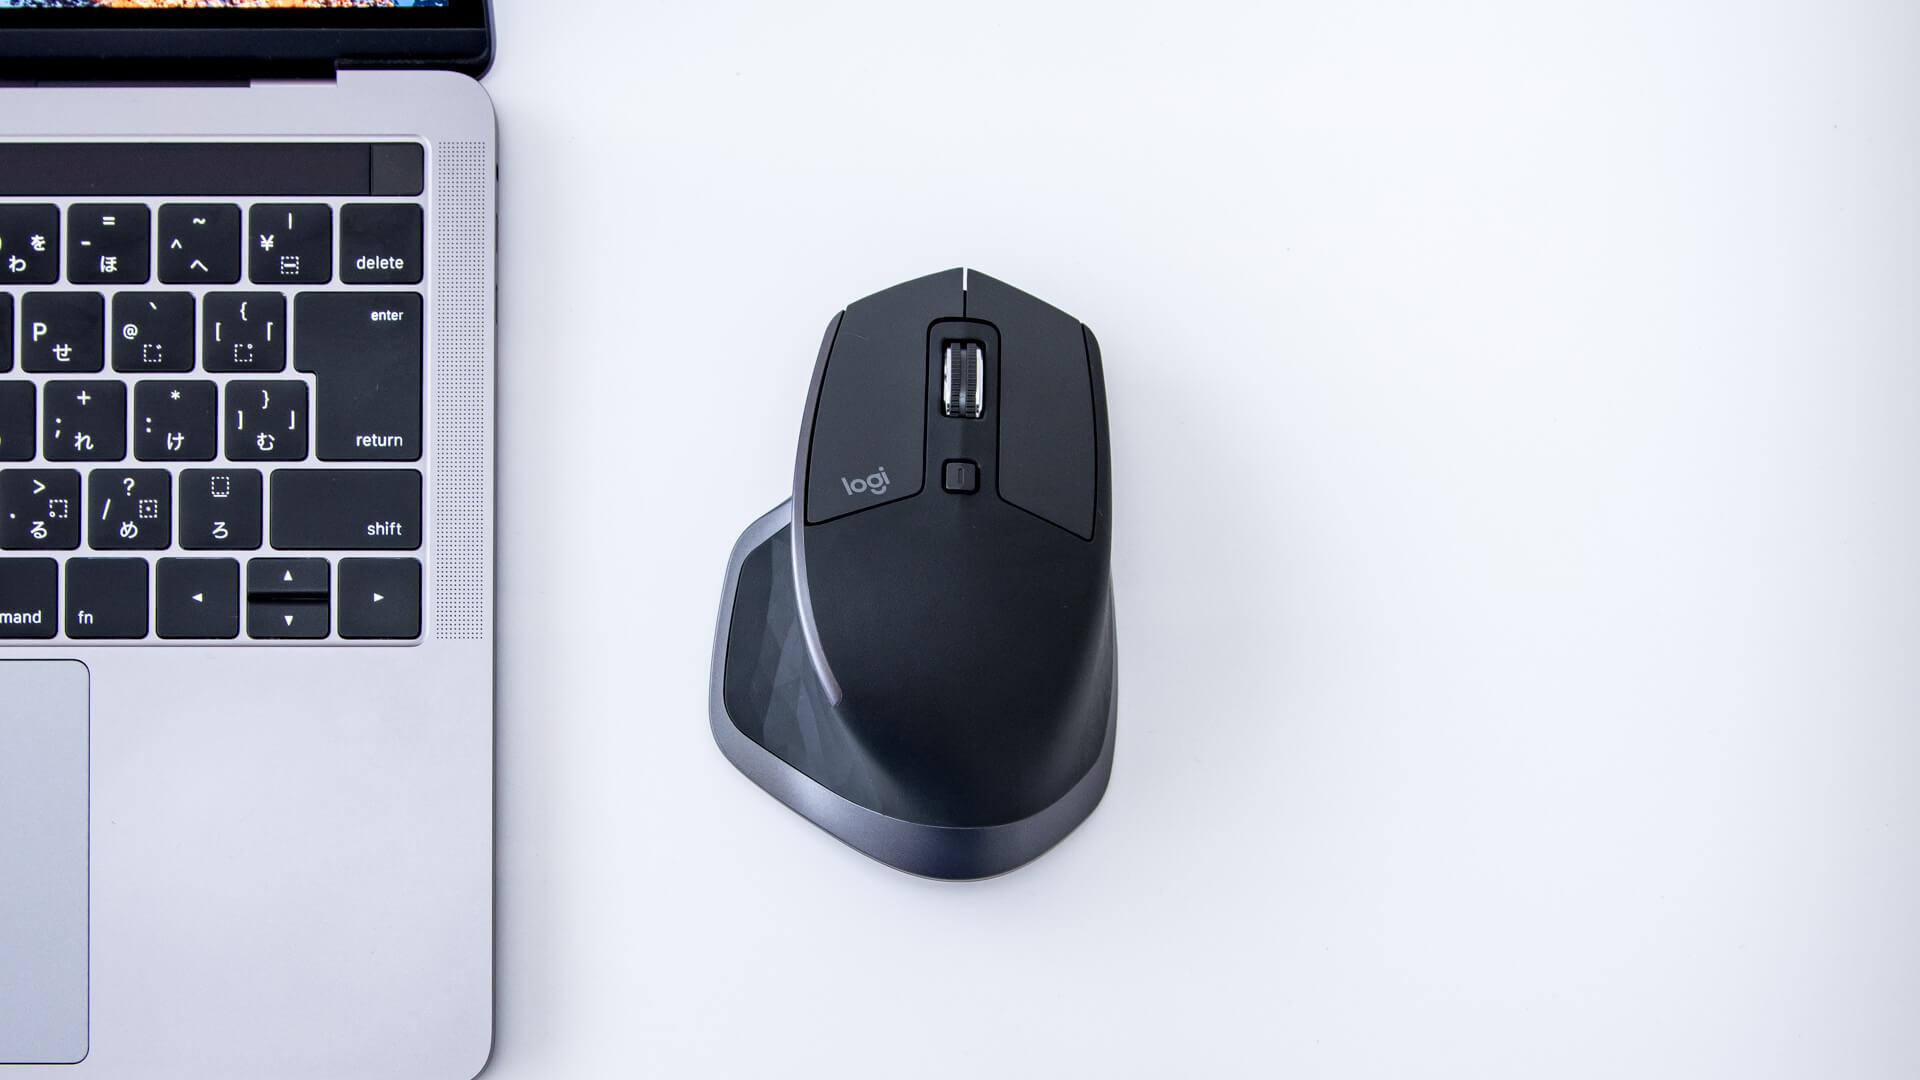 ロジクールの最上位マウス『MX Master 2S』レビュー!多機能すぎて生産性が爆発するレベル